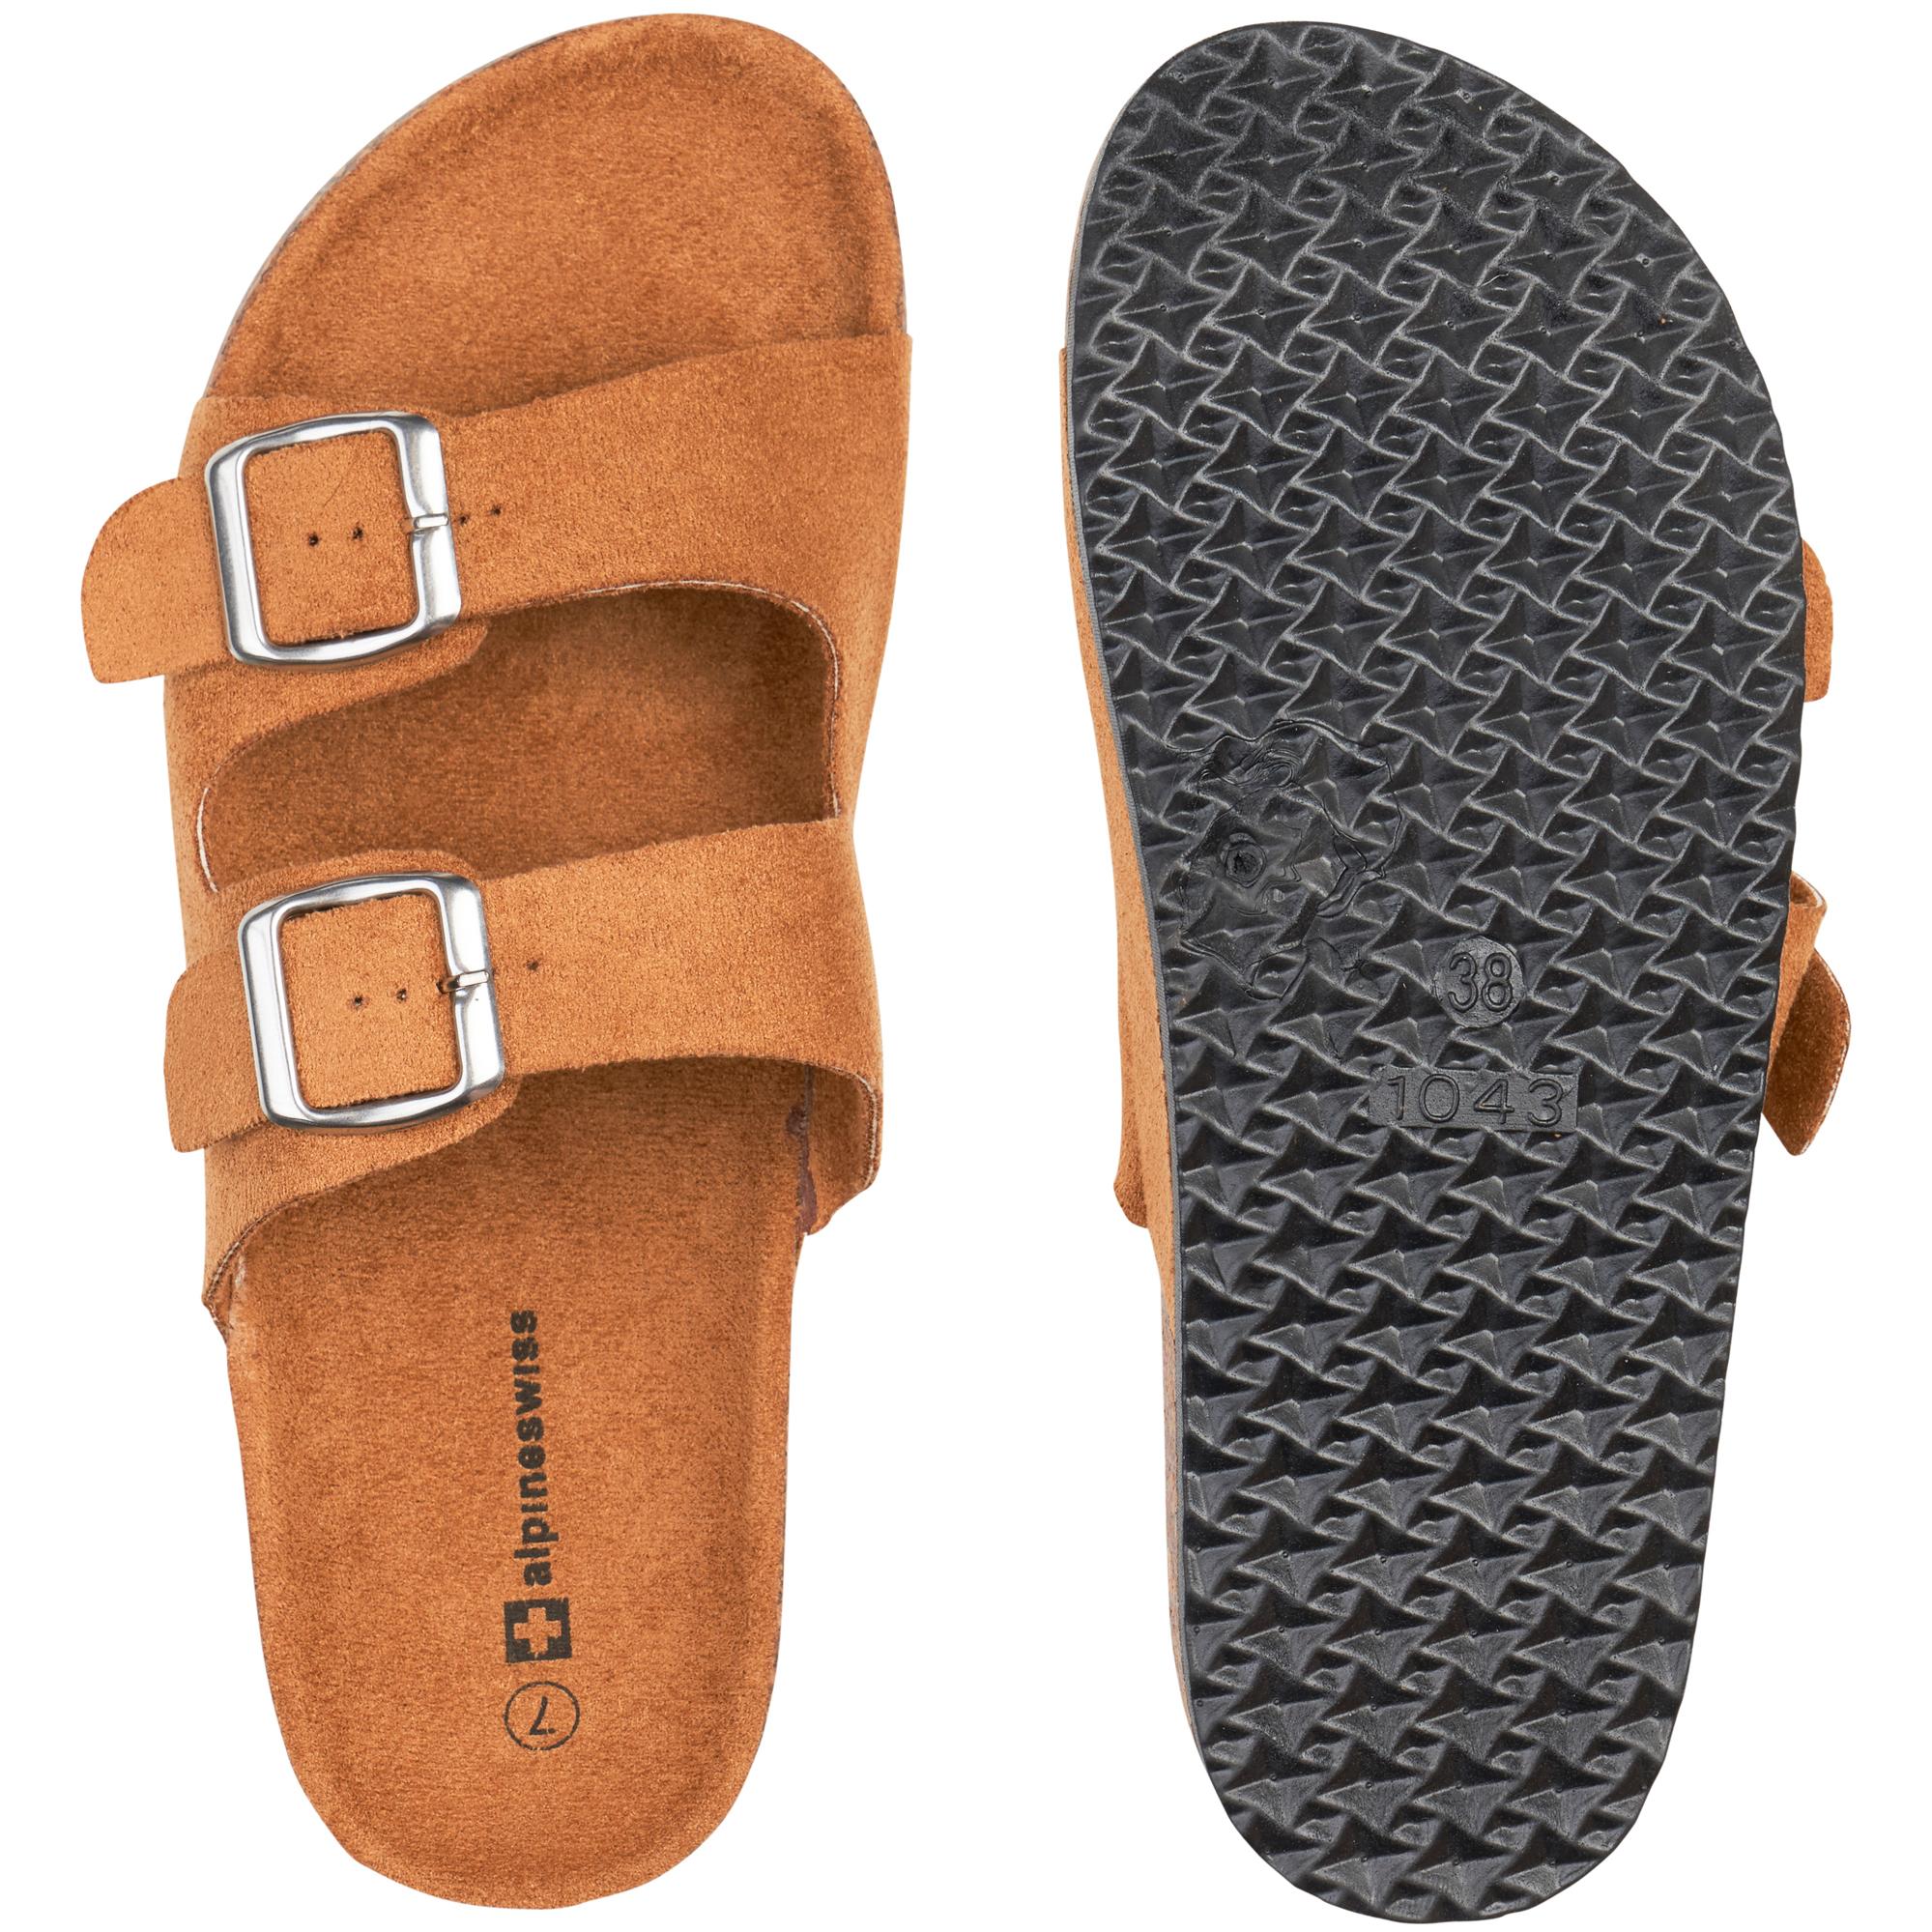 Alpine-Swiss-Womens-Double-Strap-Slide-Sandals-EVA-Sole-Flat-Comfort-Shoes thumbnail 20